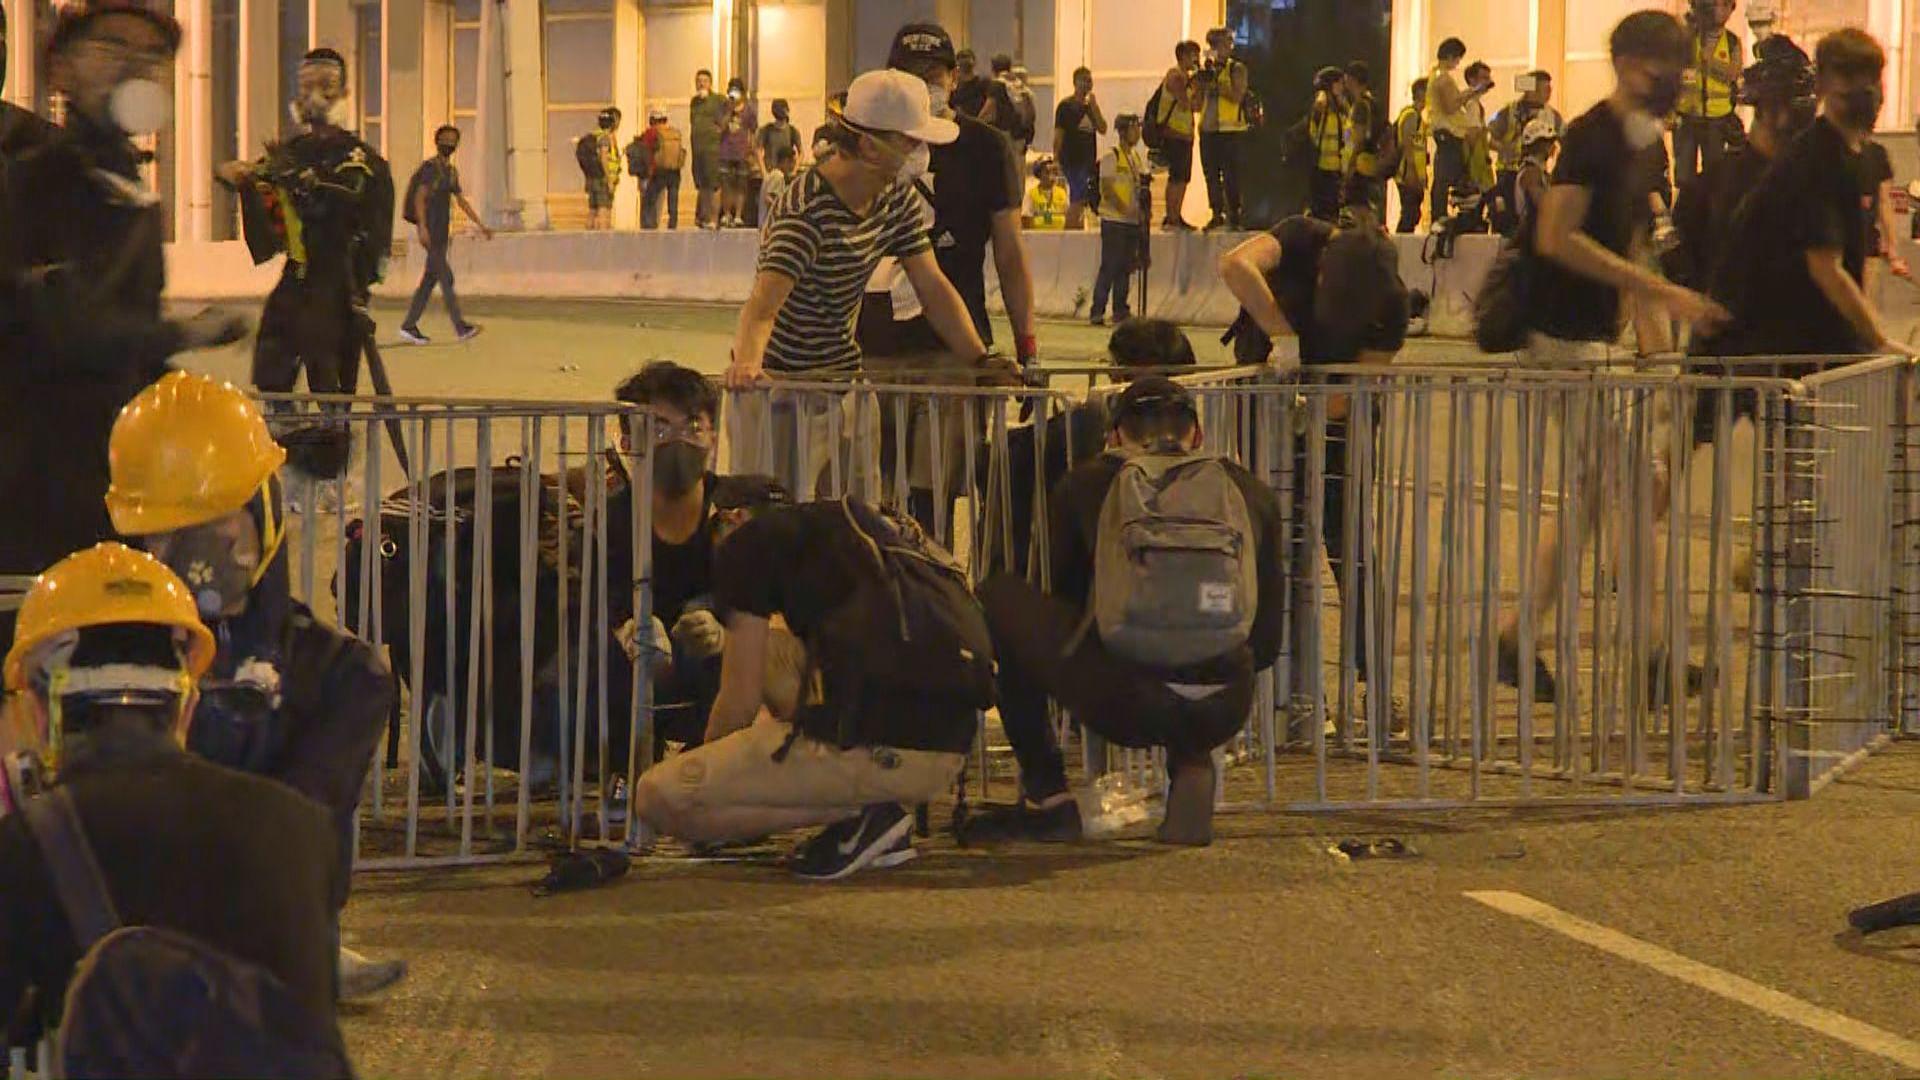 部分示威者轉去將軍澳堵路及包圍觀塘警署